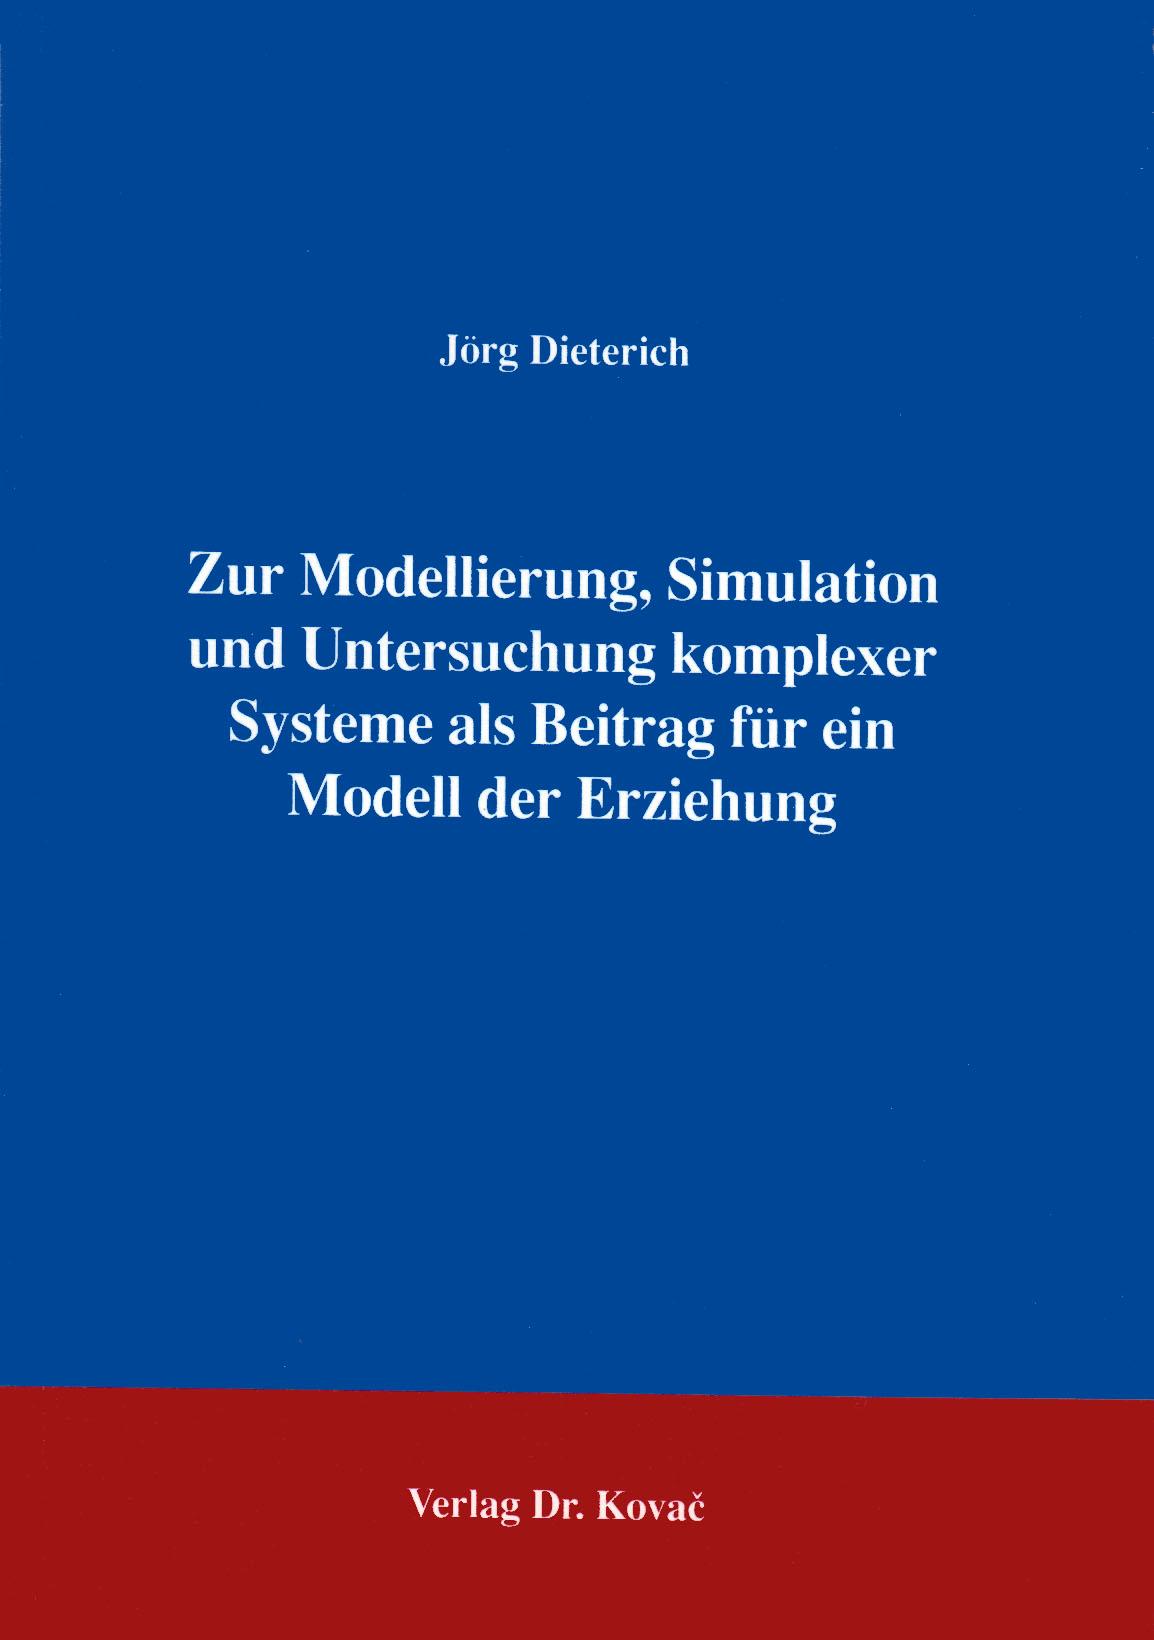 Cover: Zur Modellierung, Simulation und Untersuchung komplexer Systeme als Beitrag für ein Modell der Erziehung